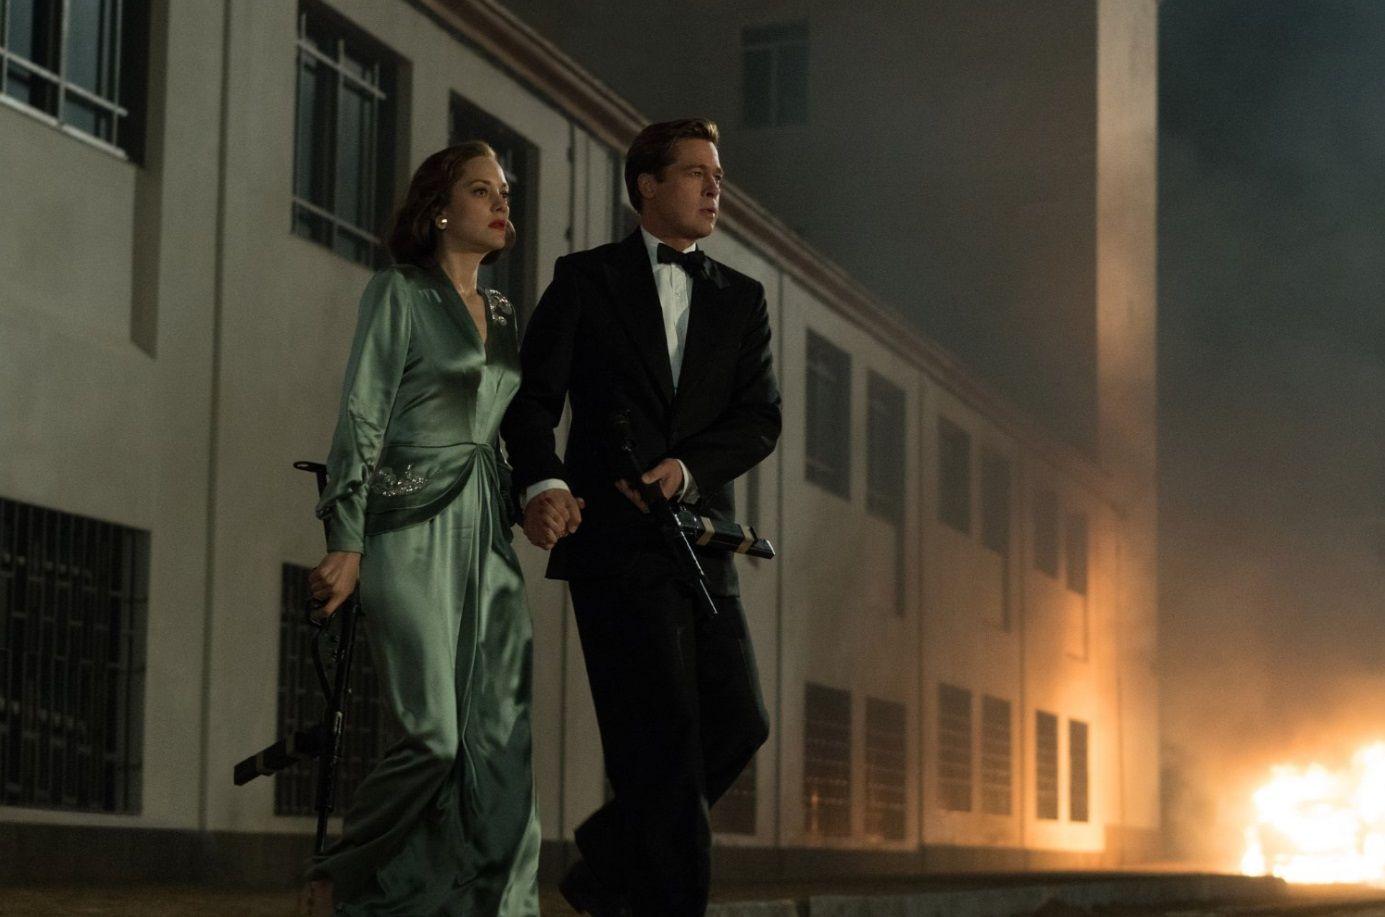 Allied – Un'ombra nascosta, Brad Pitt e Marion Cotillard in una classica spy-story